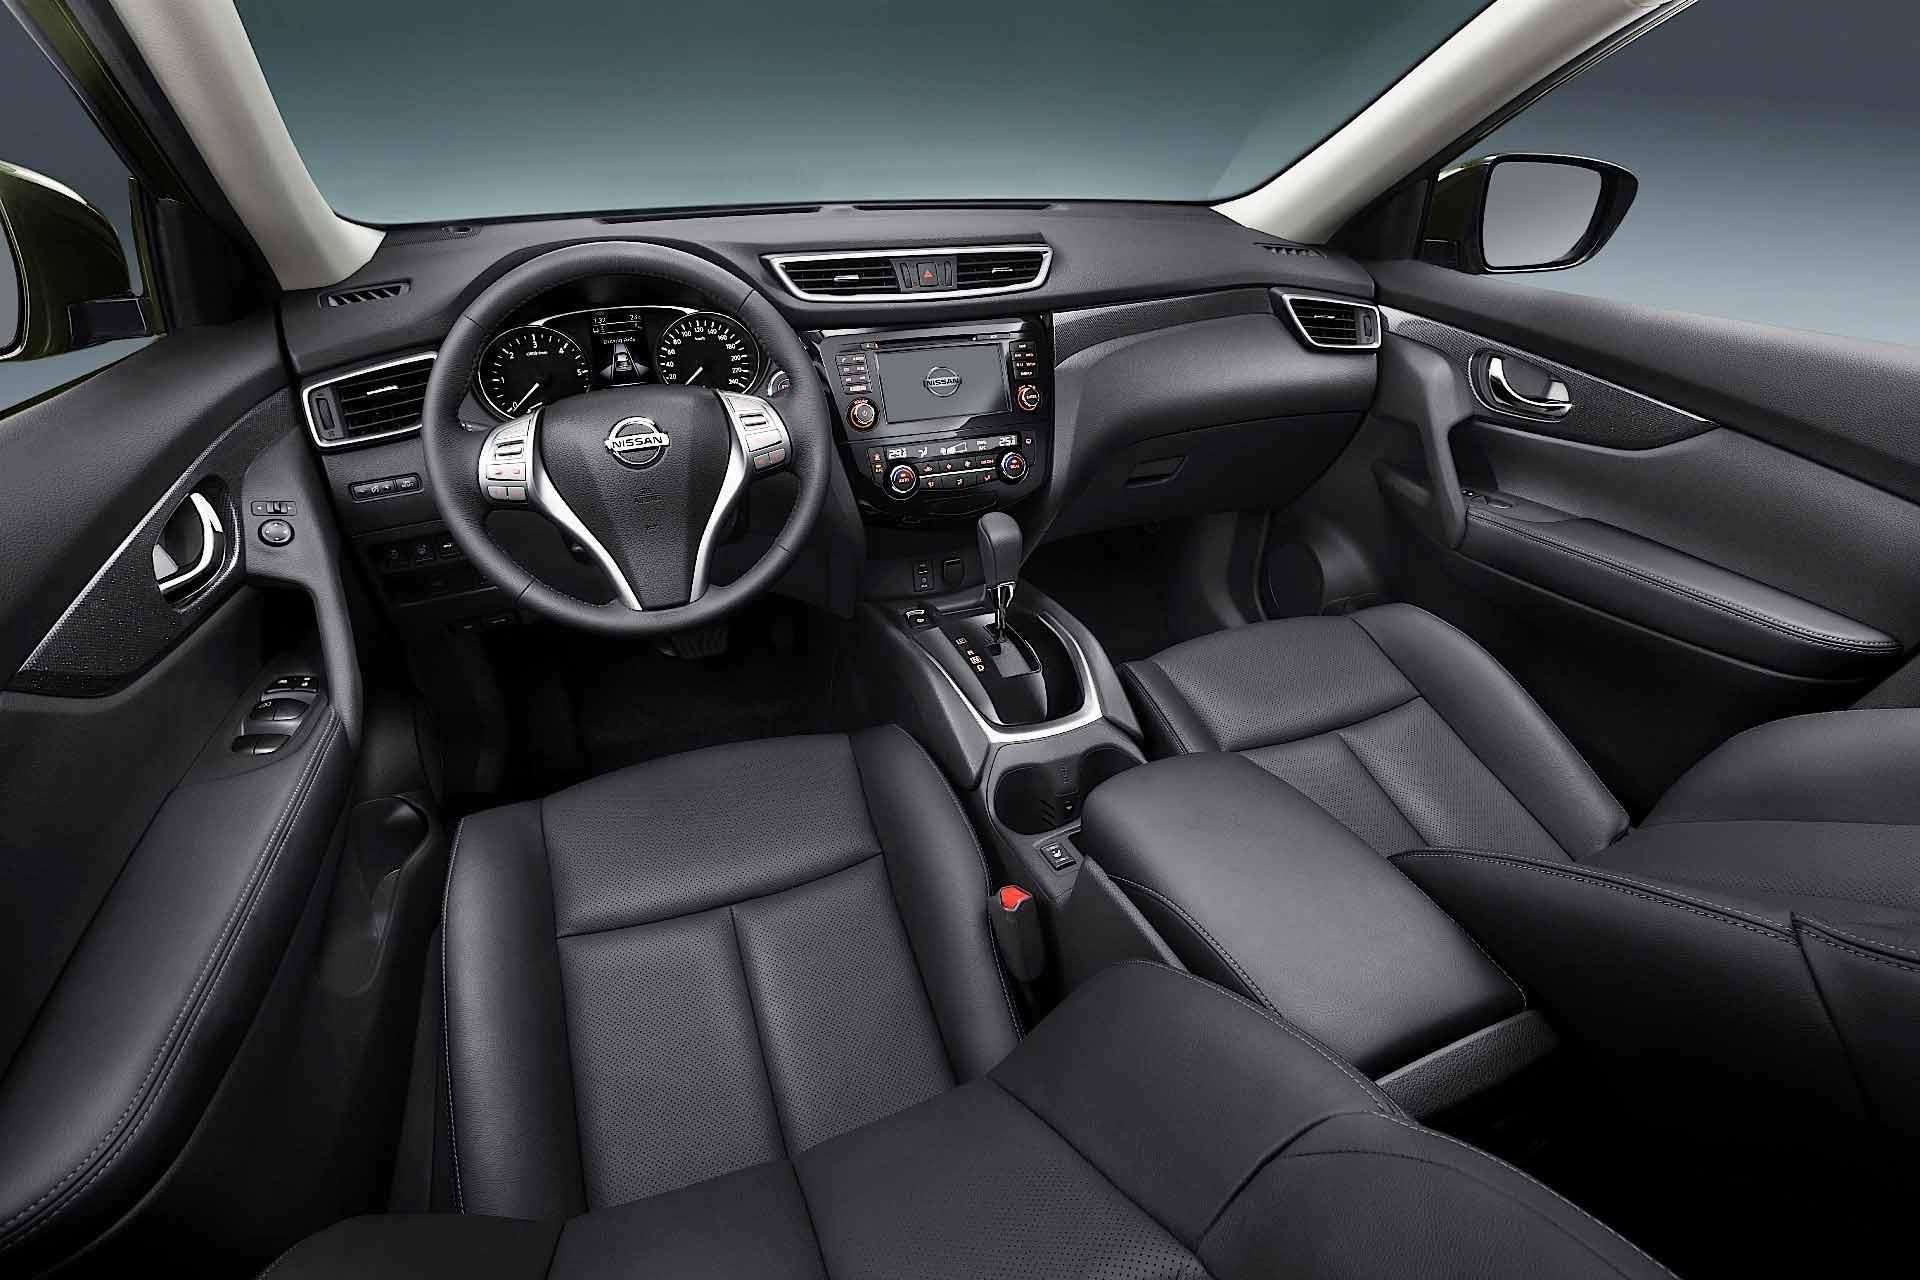 لیست محصولات Nissan در بازار